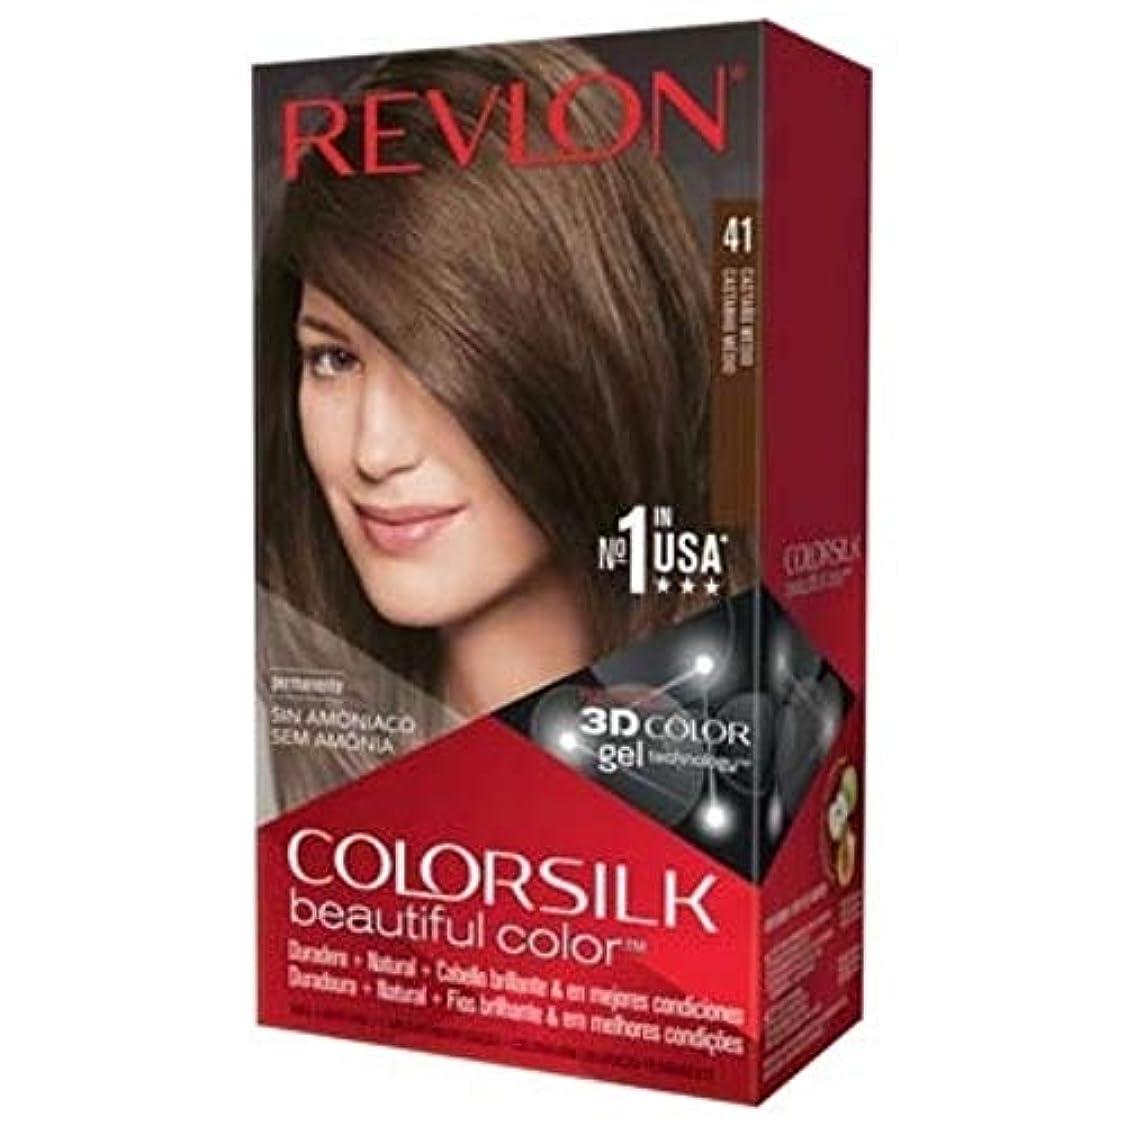 カスケード置換ものRevlon 4NミディアムヘアカラーColorsilk、ブラウン